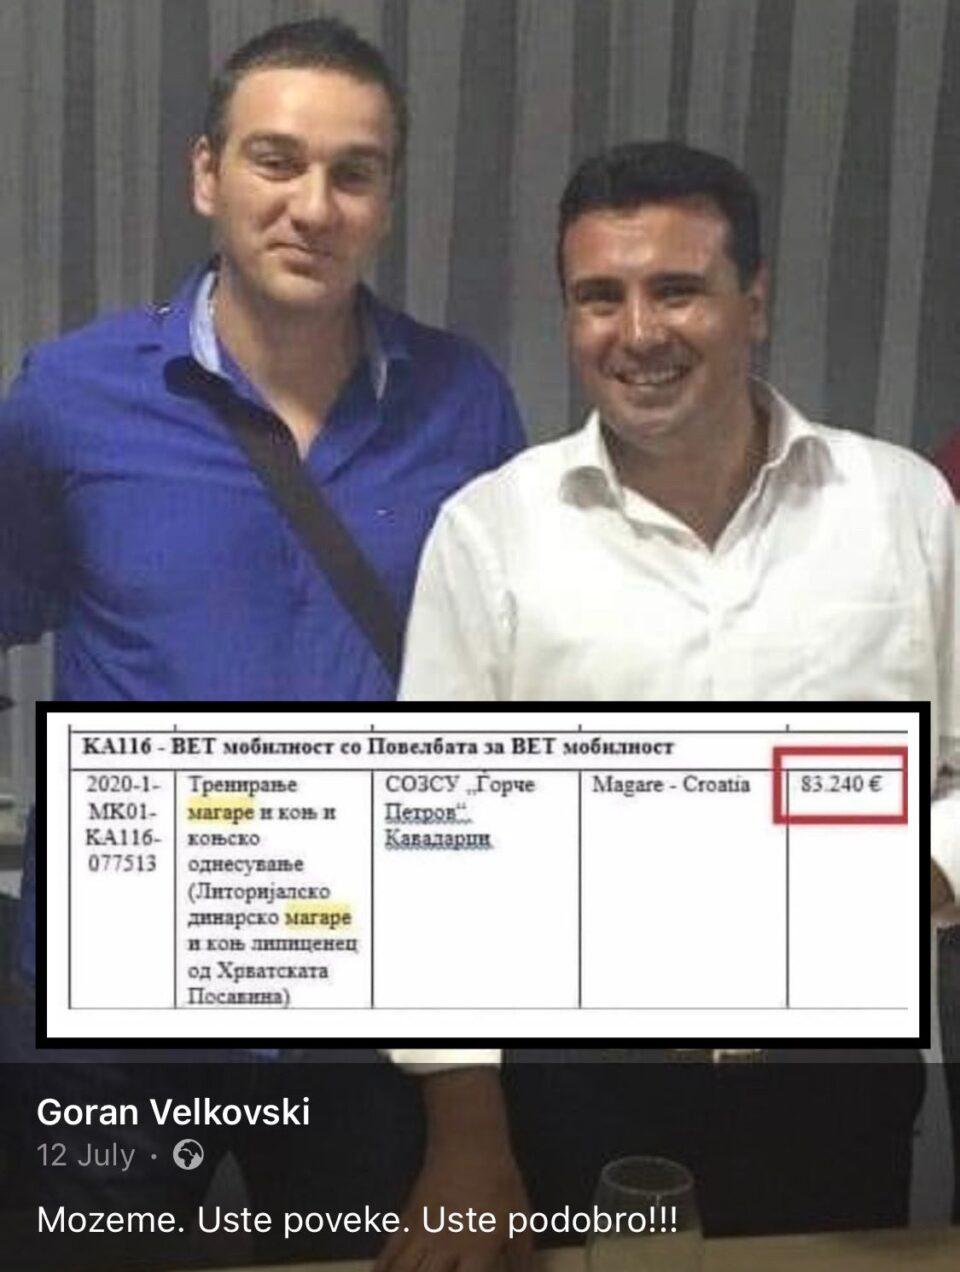 ВЕЧЕР: Овој човек доби 83.240 евра од власта за тренирање магаре